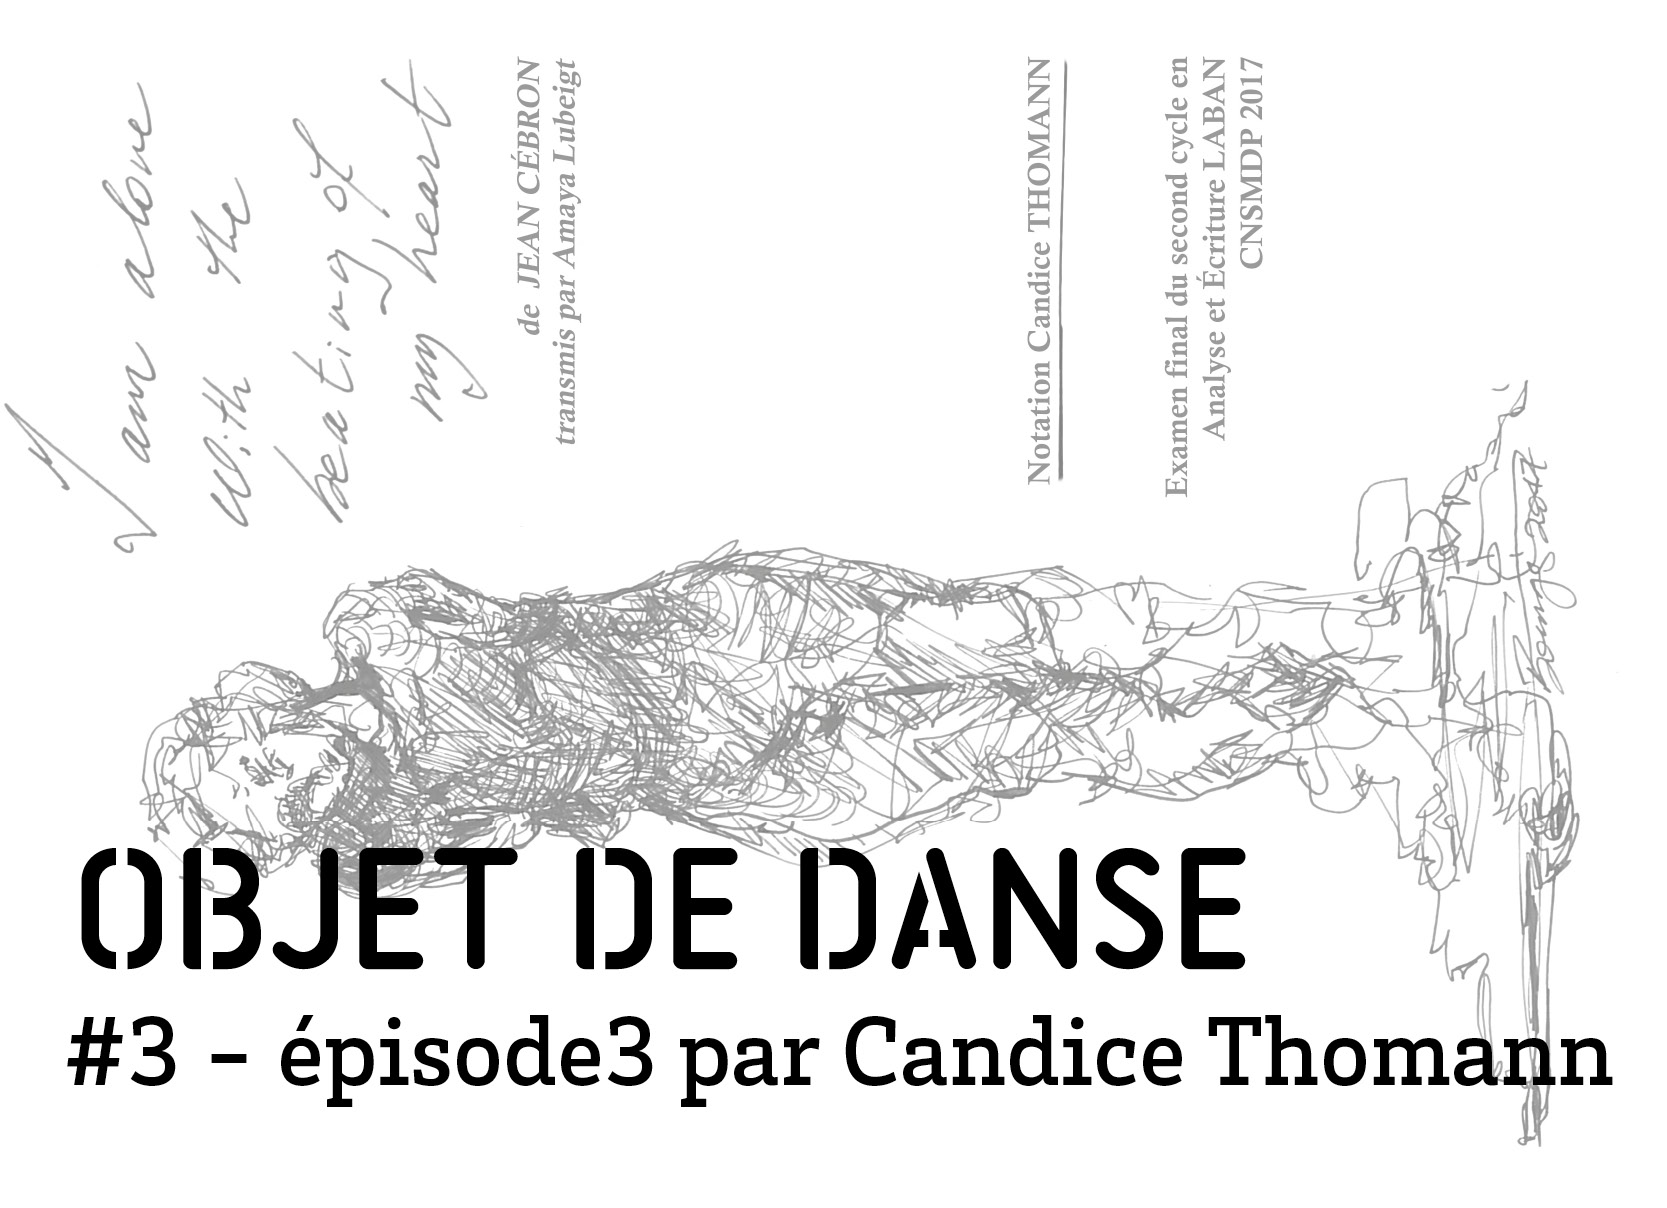 objet de dance3 episode 3 par Candice Thomann